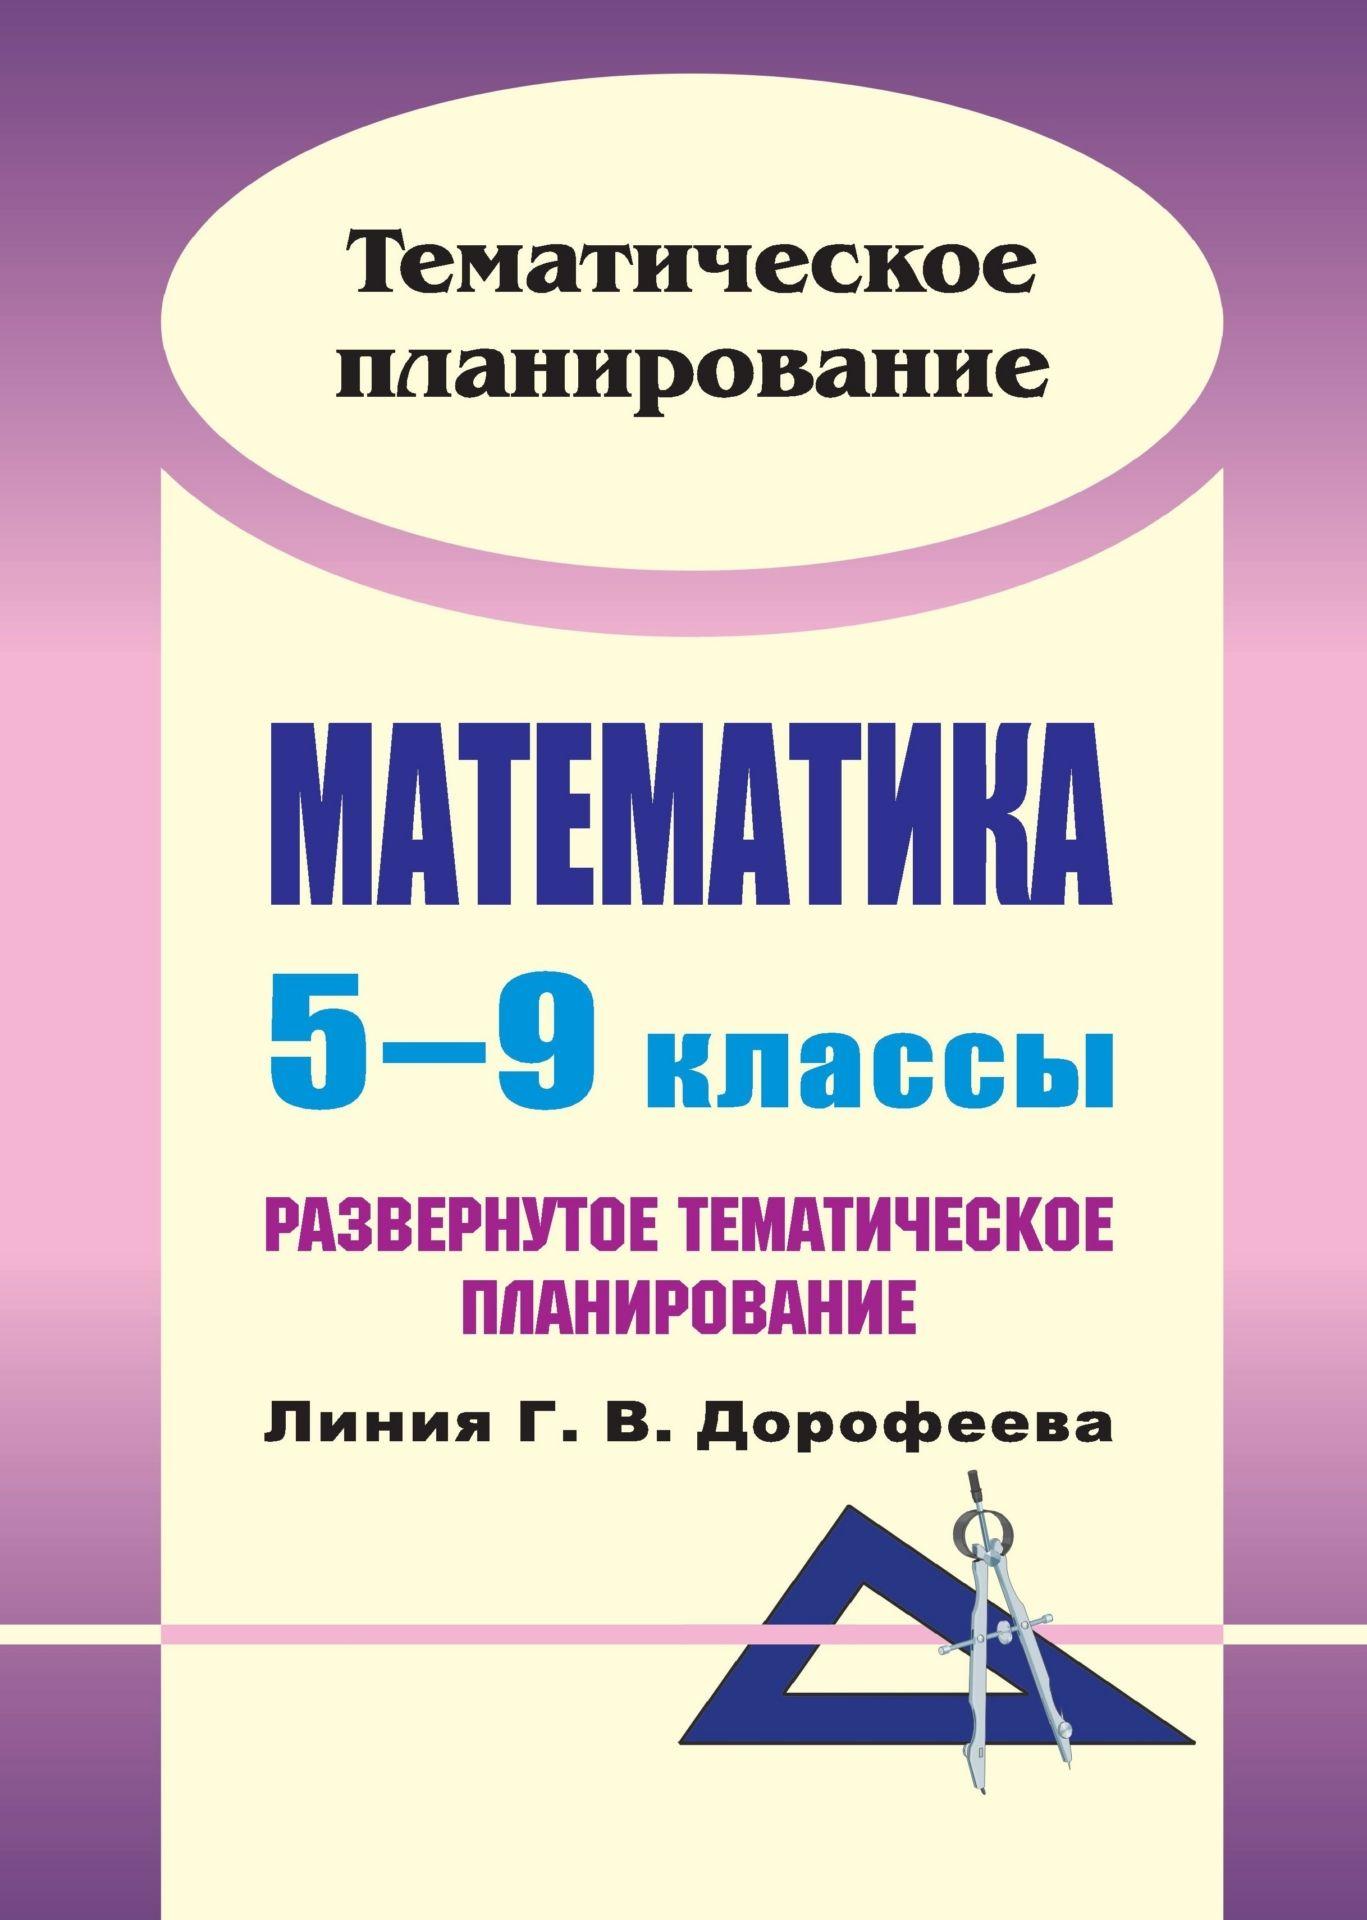 Математика. 5-9 классы: развернутое тематическое планирование. Линия Г. В. Дорофеева